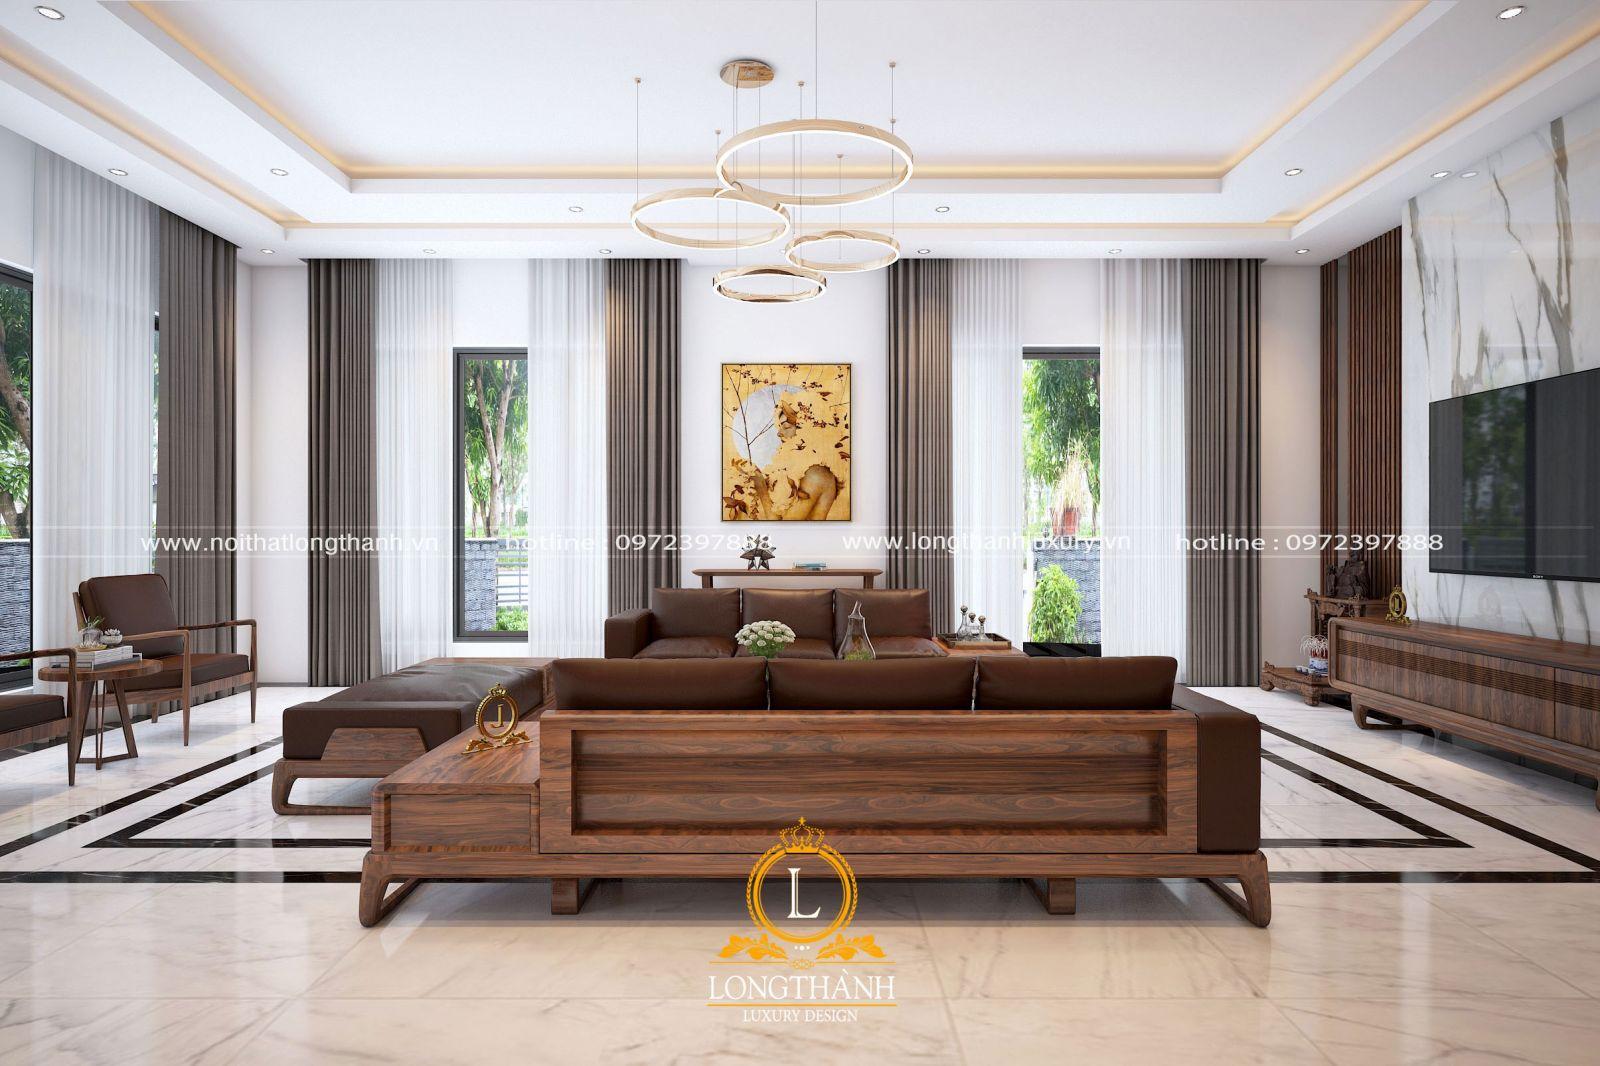 Với phong cách nội thất hiện đại bạn có thể thỏa sức thiết kế ngôi nhà của mình theo như ý muốn